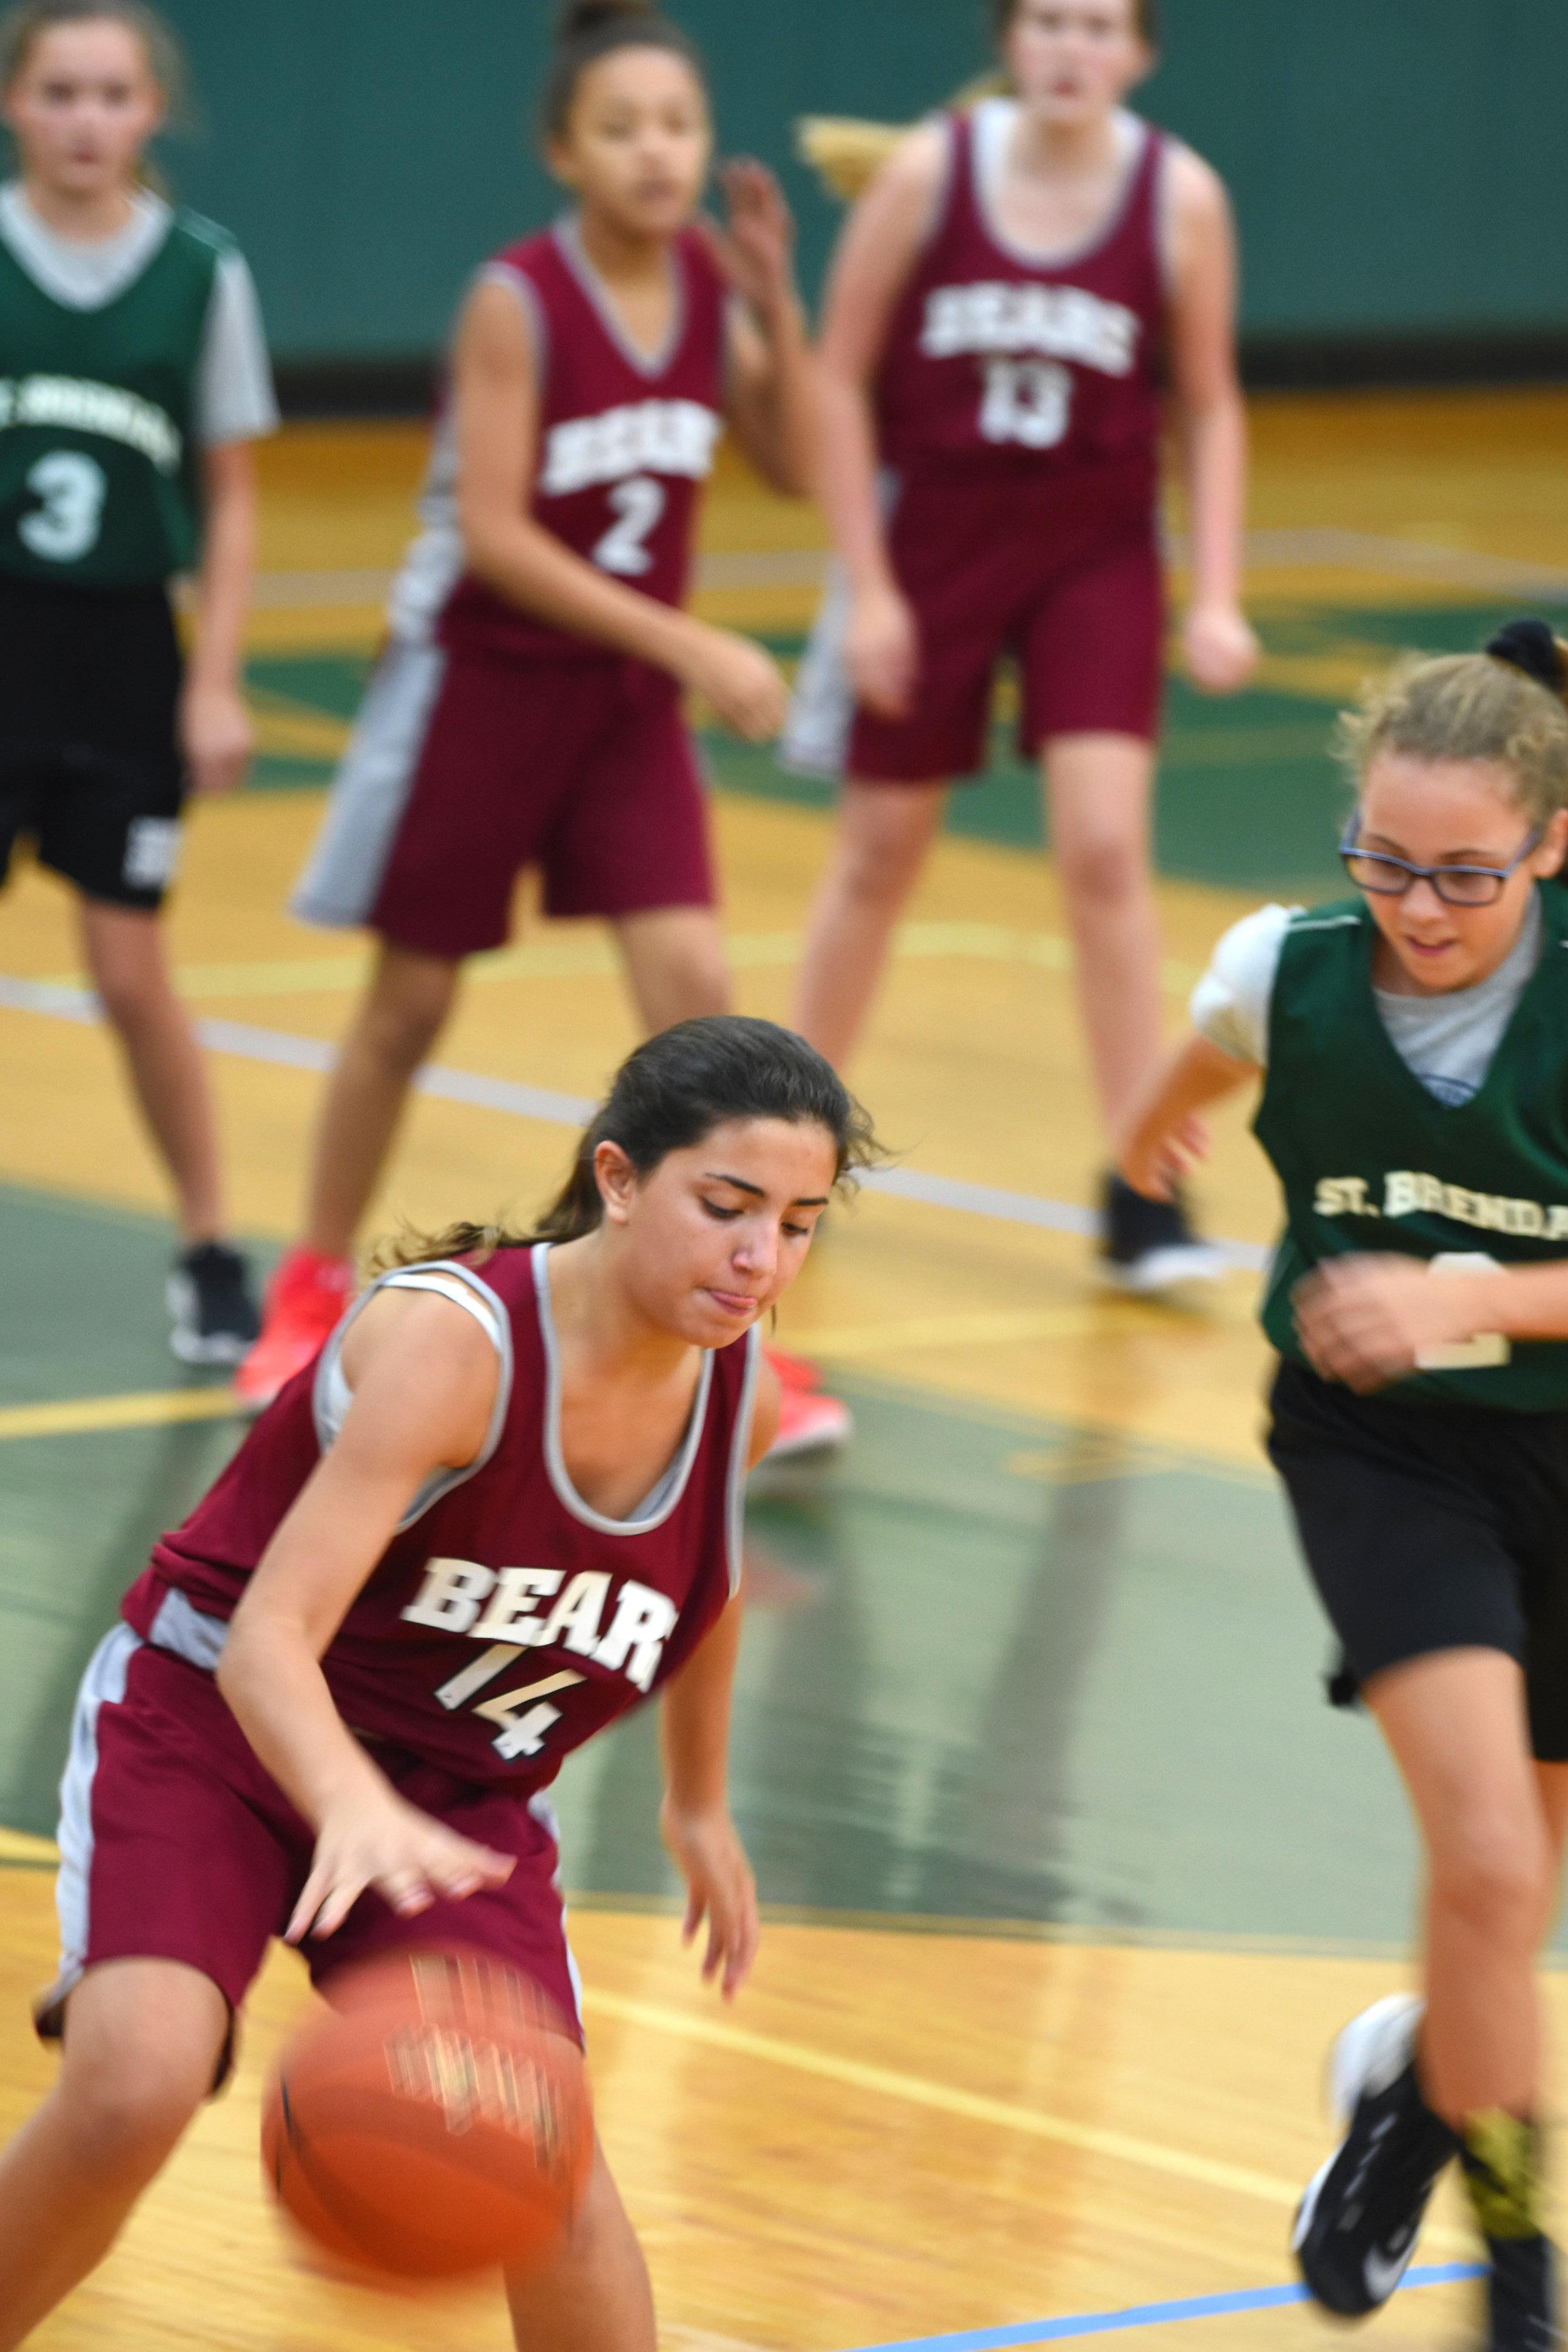 bears-girls-basketball.jpg